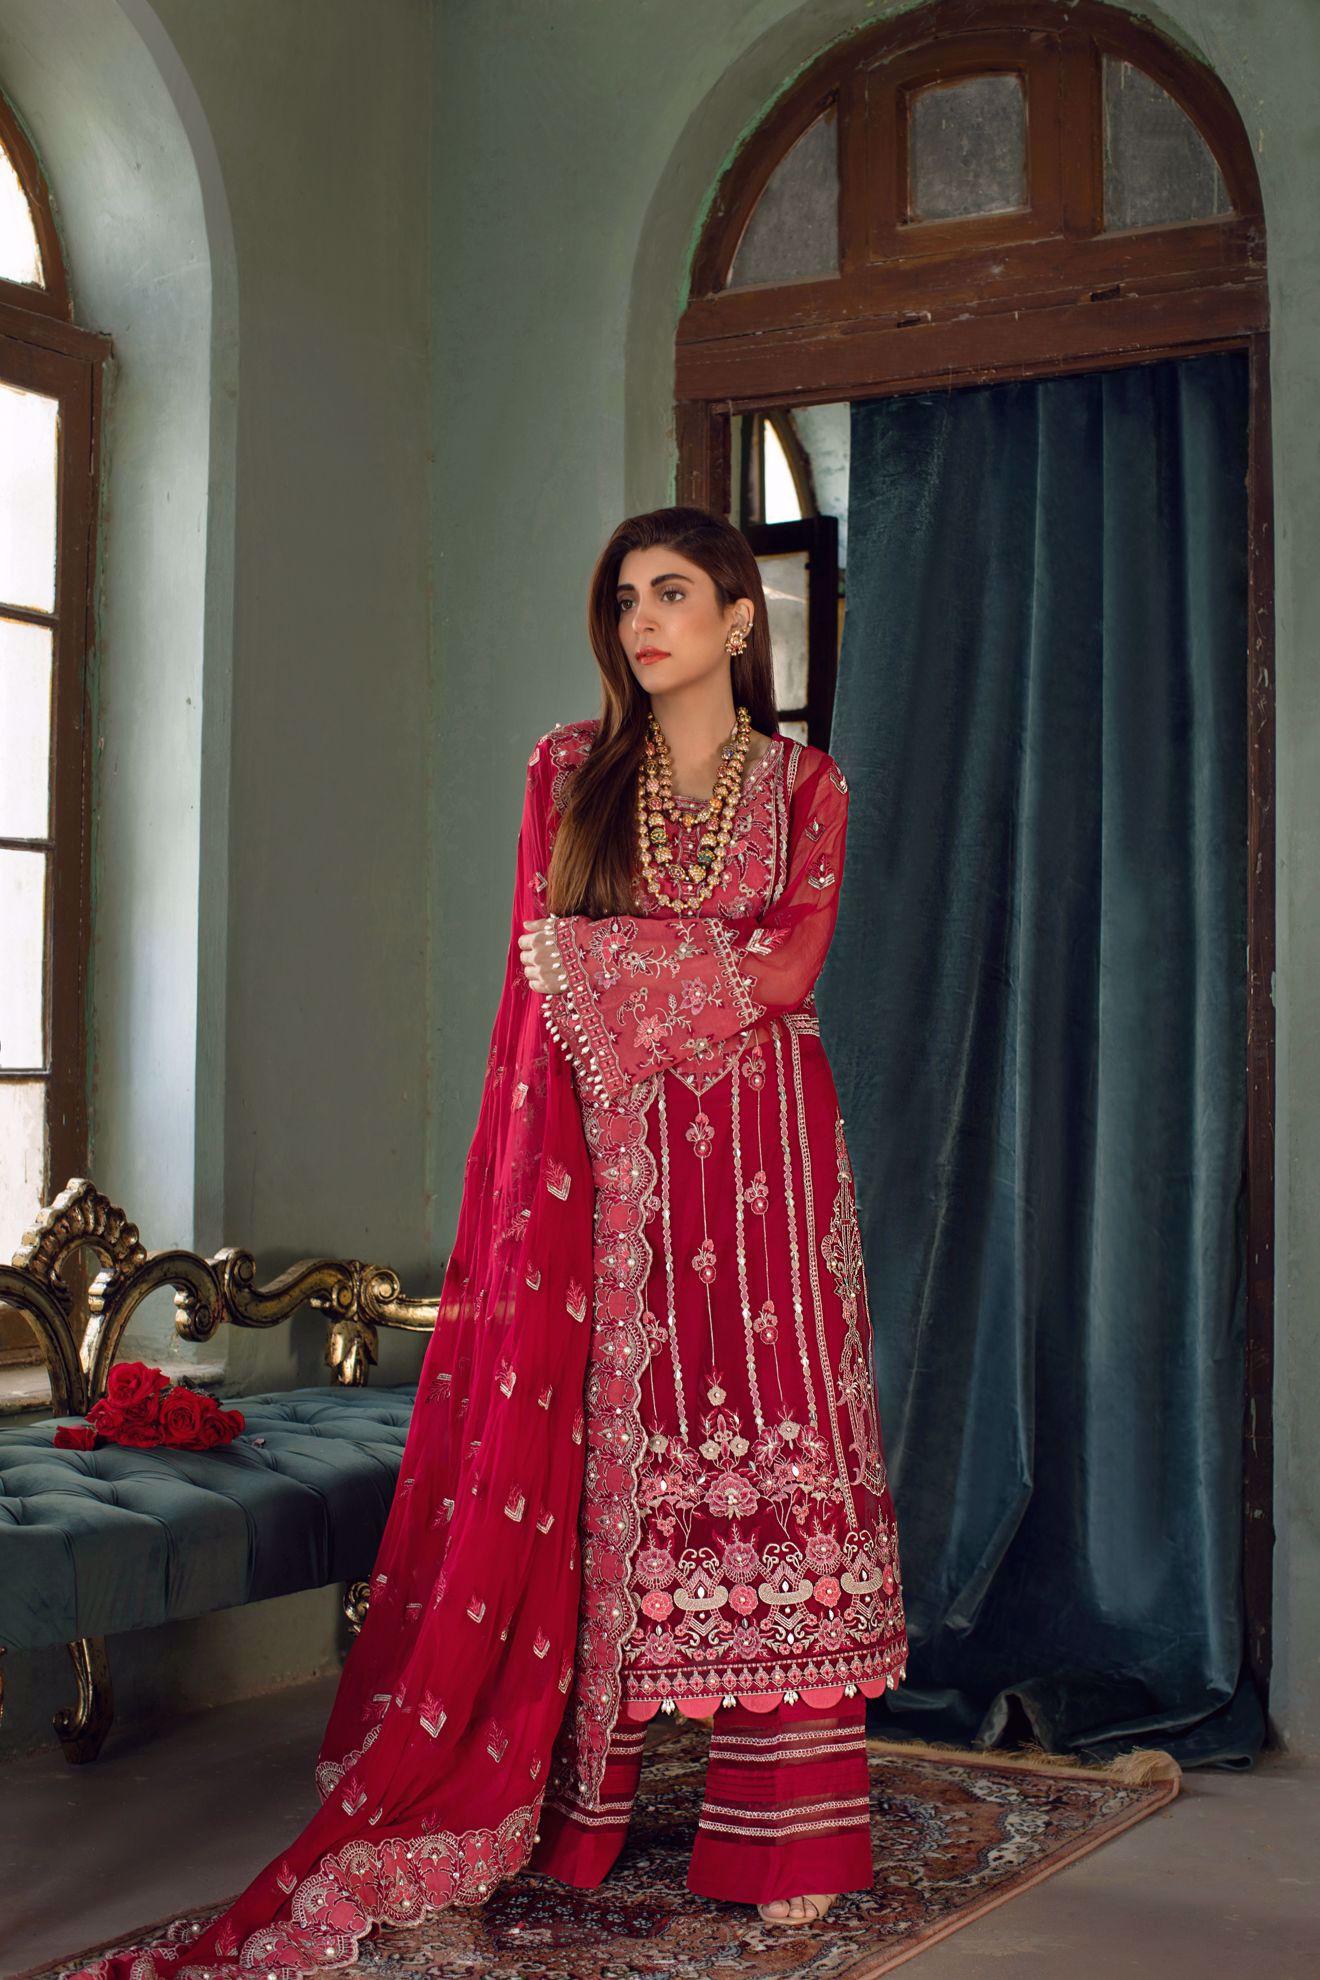 Picture of Adira